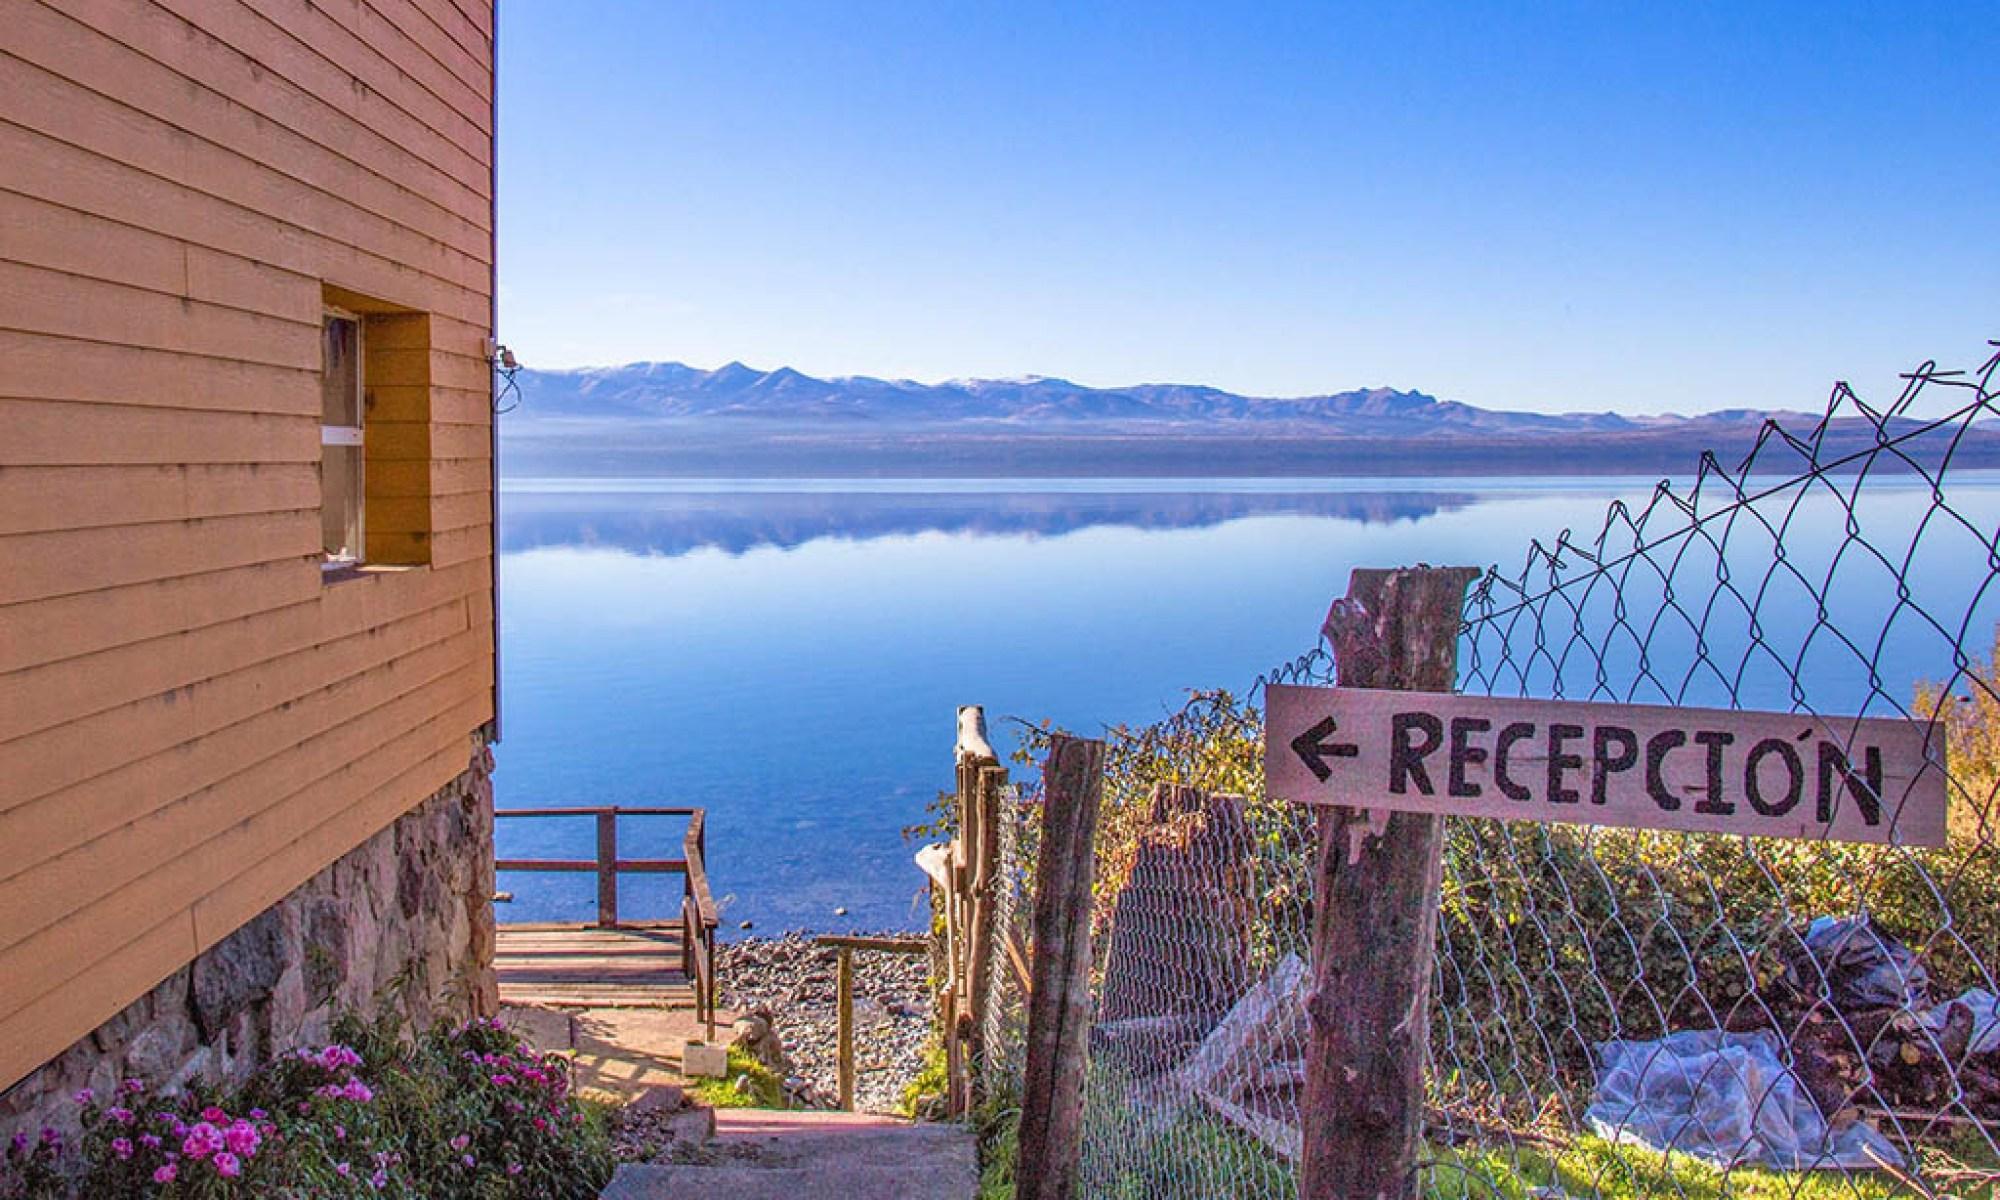 Hostel Berkana is one of the best hostels in Bariloche